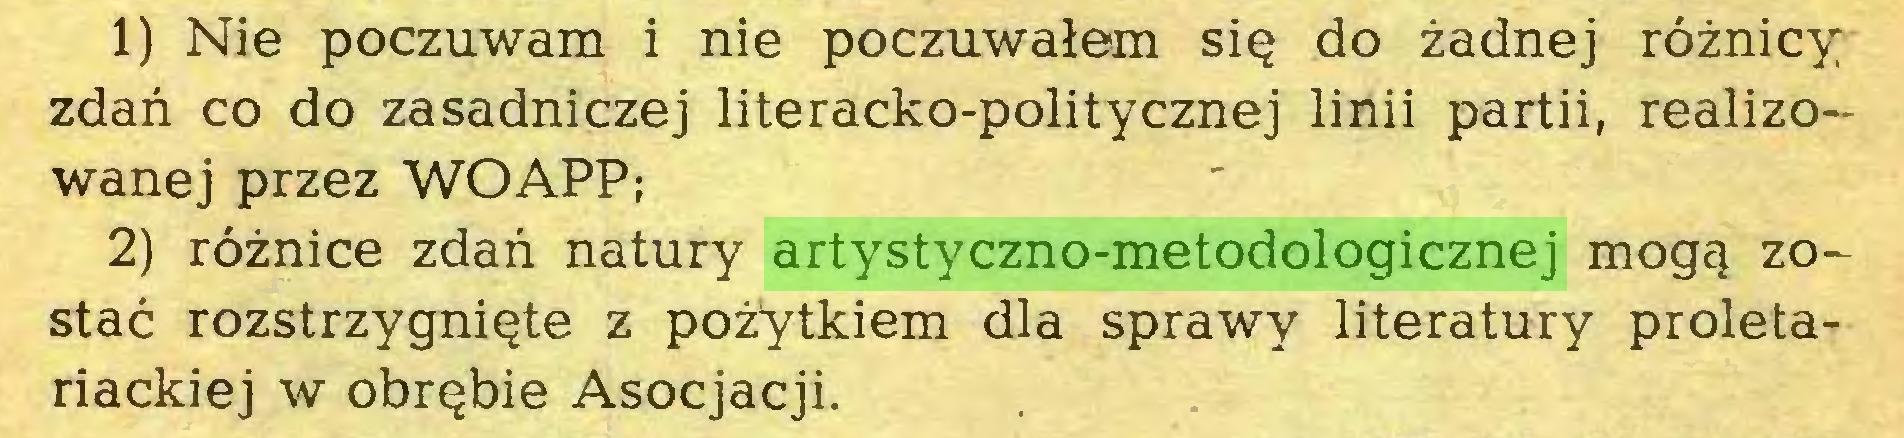 (...) 1) Nie poczuwam i nie poczuwalem si§ do zadnej röznicy zdan co do zasadniczej literacko-politycznej linii partii, realizowanej przez WOAPP; 2) röznice zdan natury artystyczno-metodologicznej mog^ zo~ stac rozstrzygnigte z pozytkiem dla sprawy literatury proletariackiej w obr^bie Asocjacji...